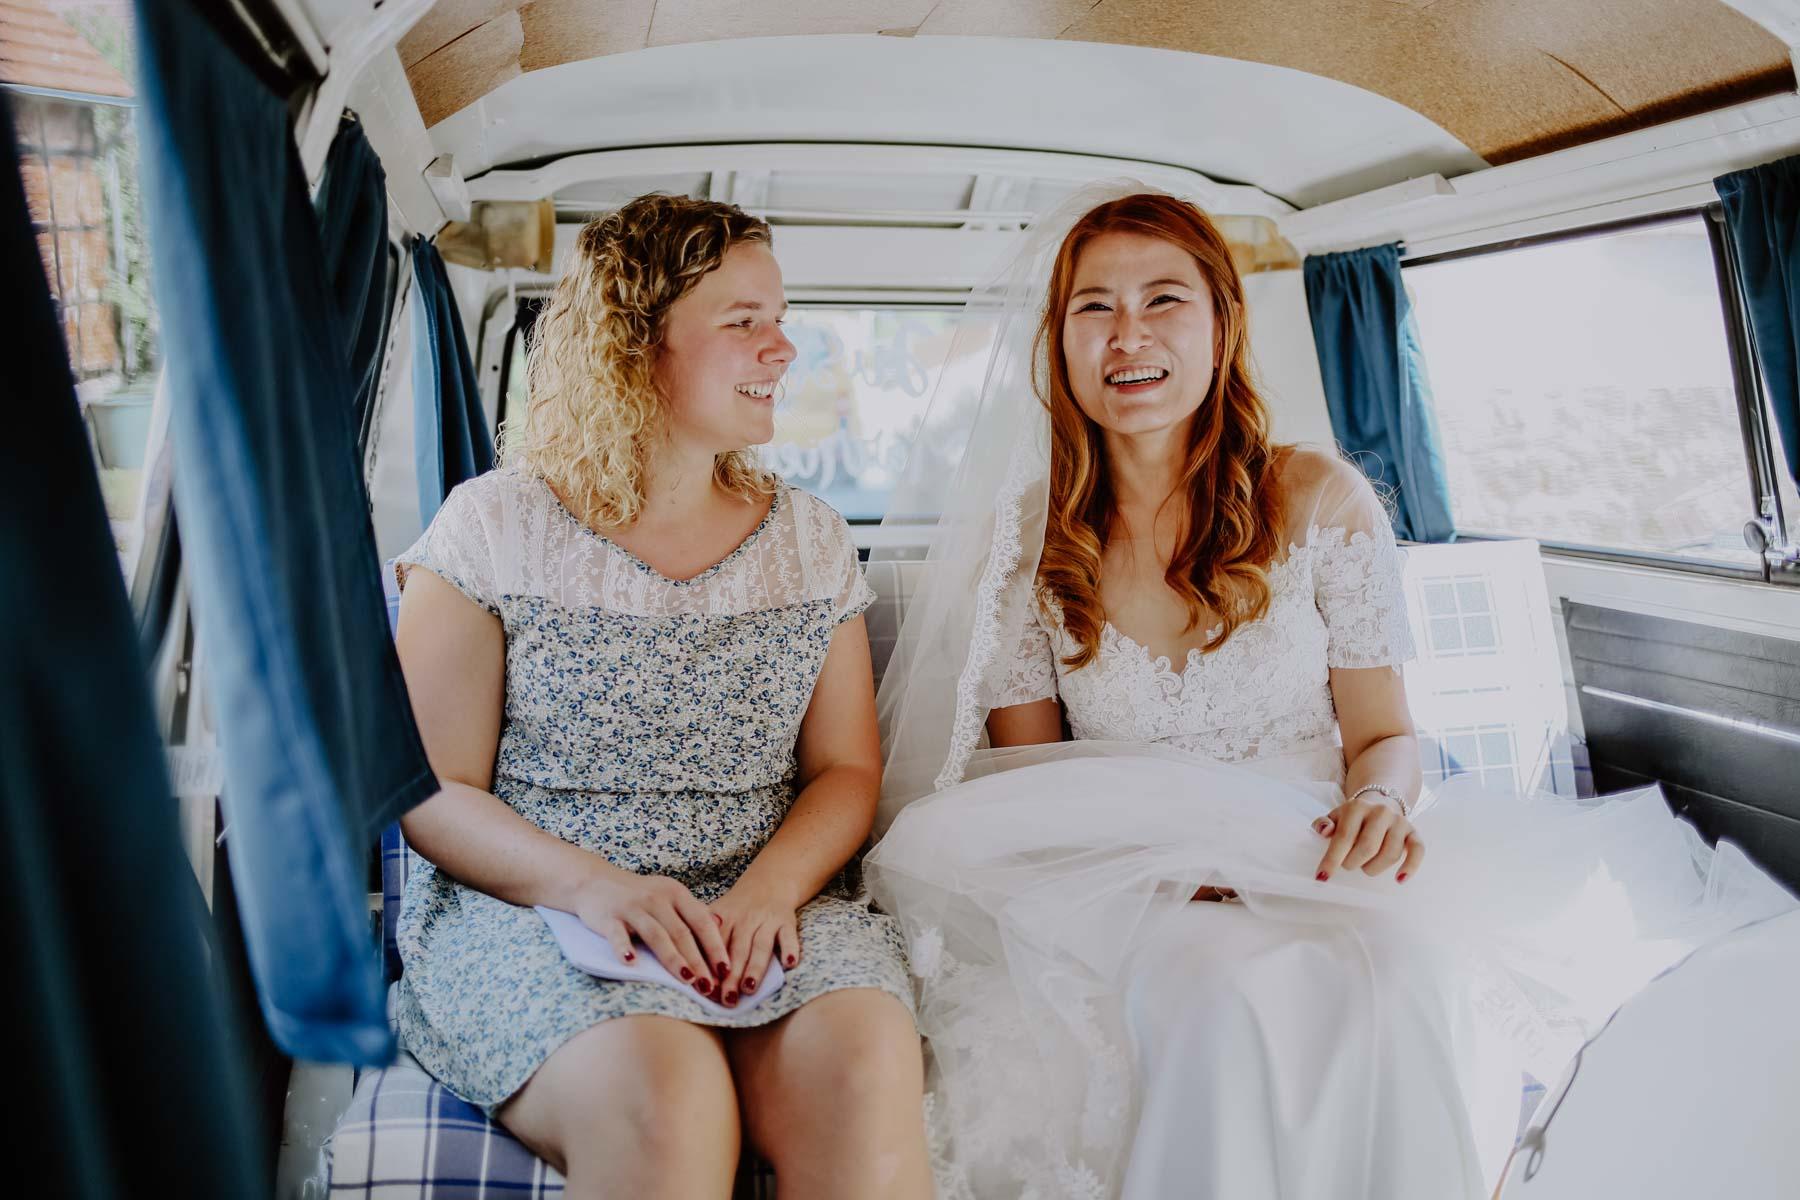 Braut mit Frau in Auto sitzend